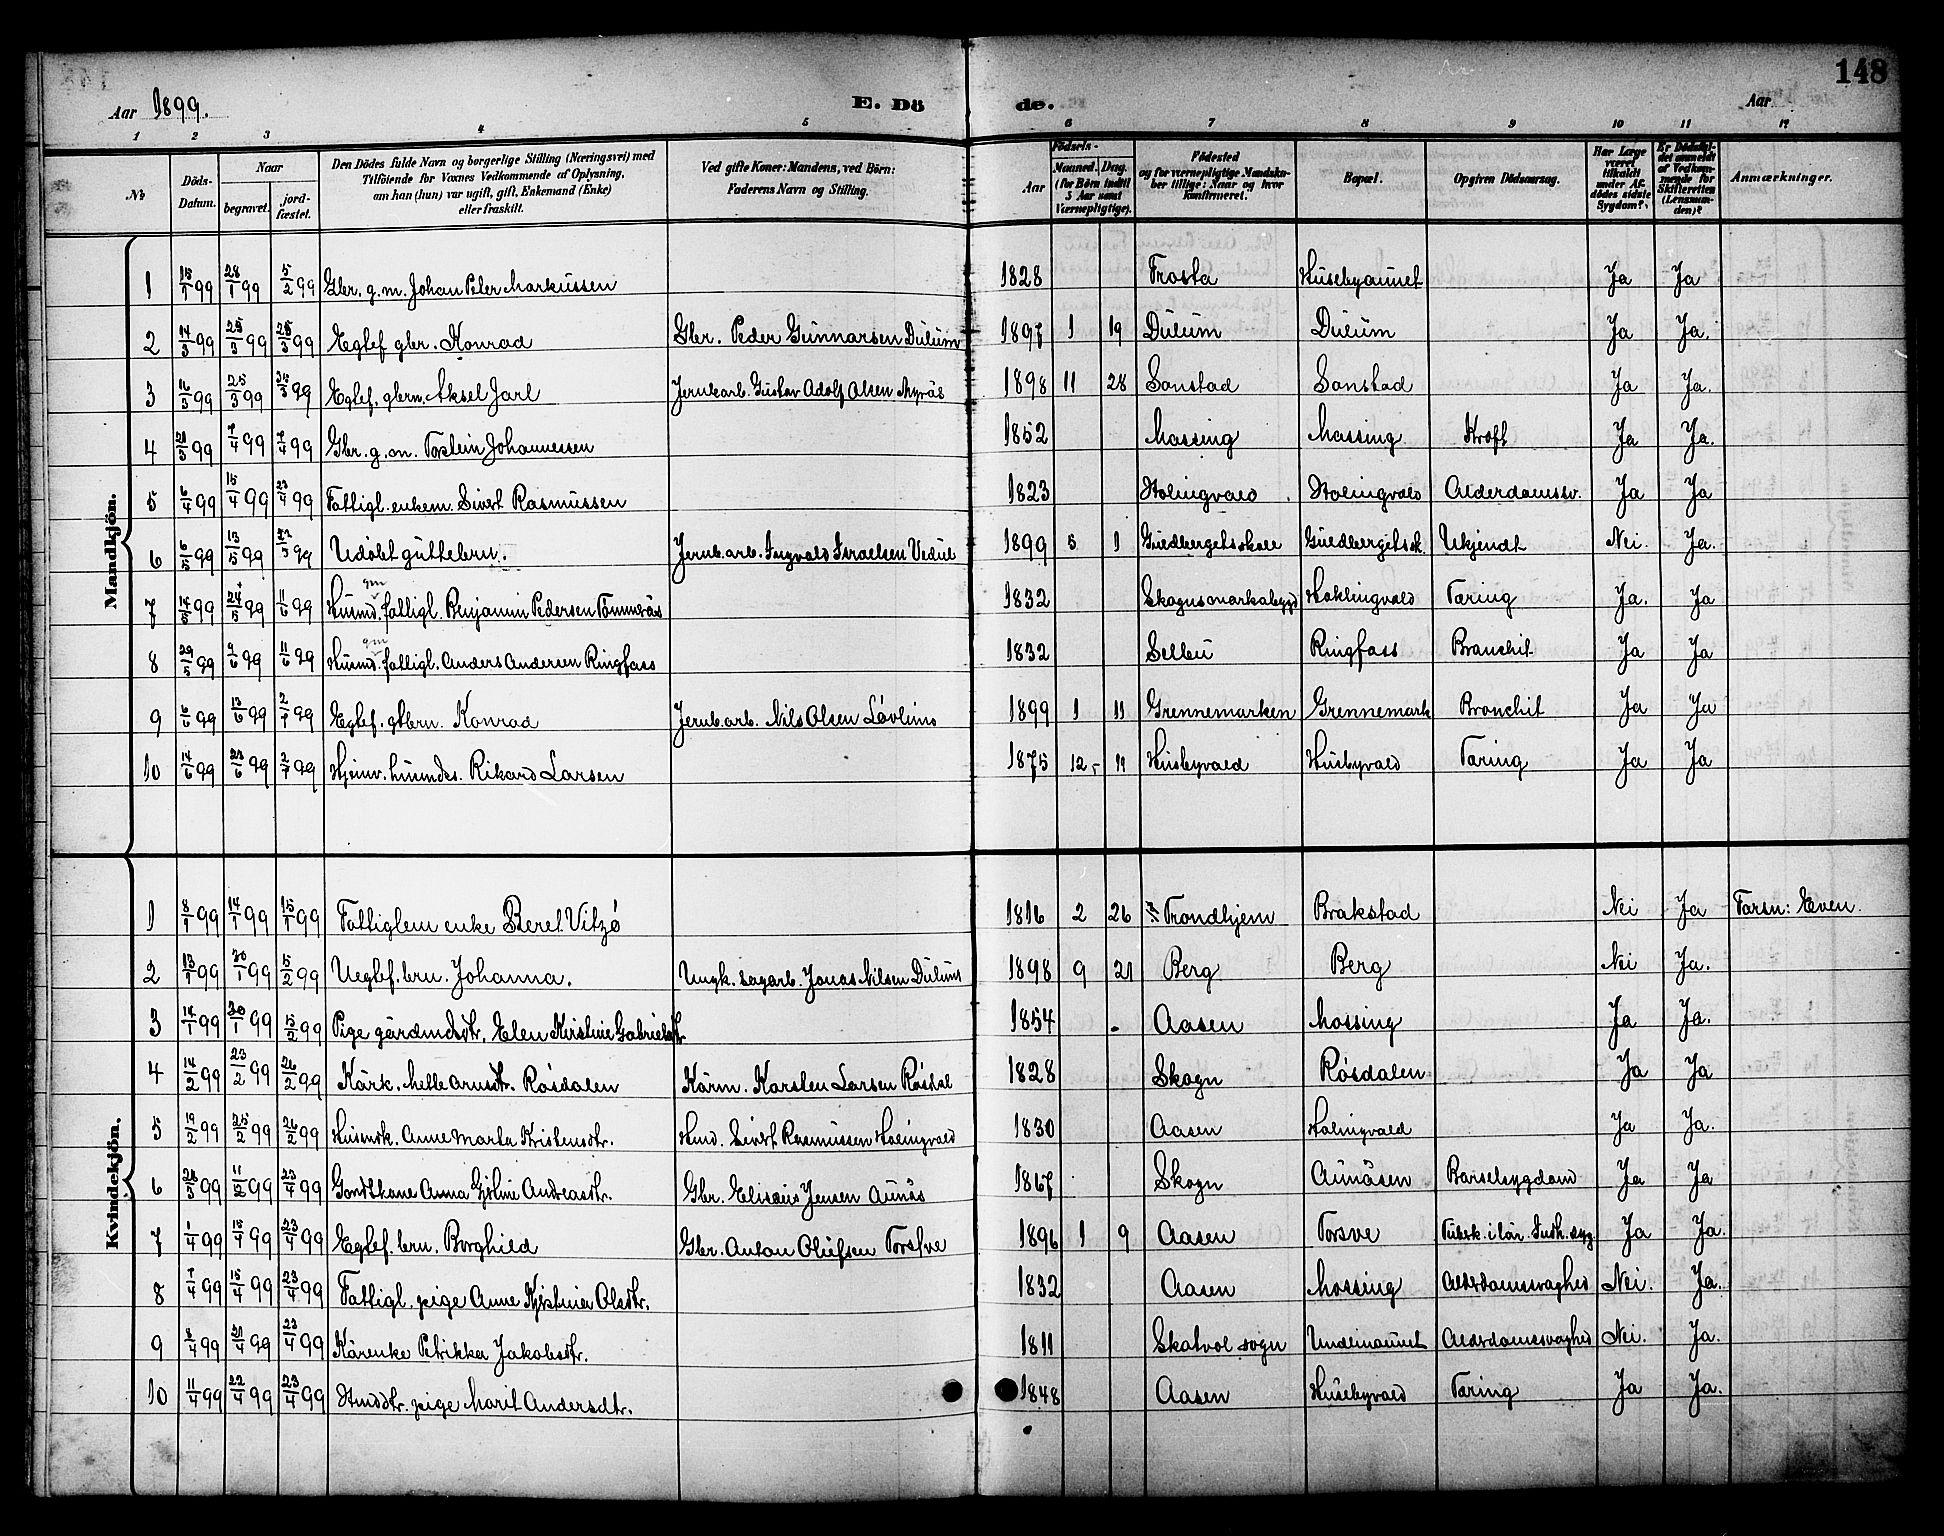 SAT, Ministerialprotokoller, klokkerbøker og fødselsregistre - Nord-Trøndelag, 714/L0135: Klokkerbok nr. 714C04, 1899-1918, s. 148